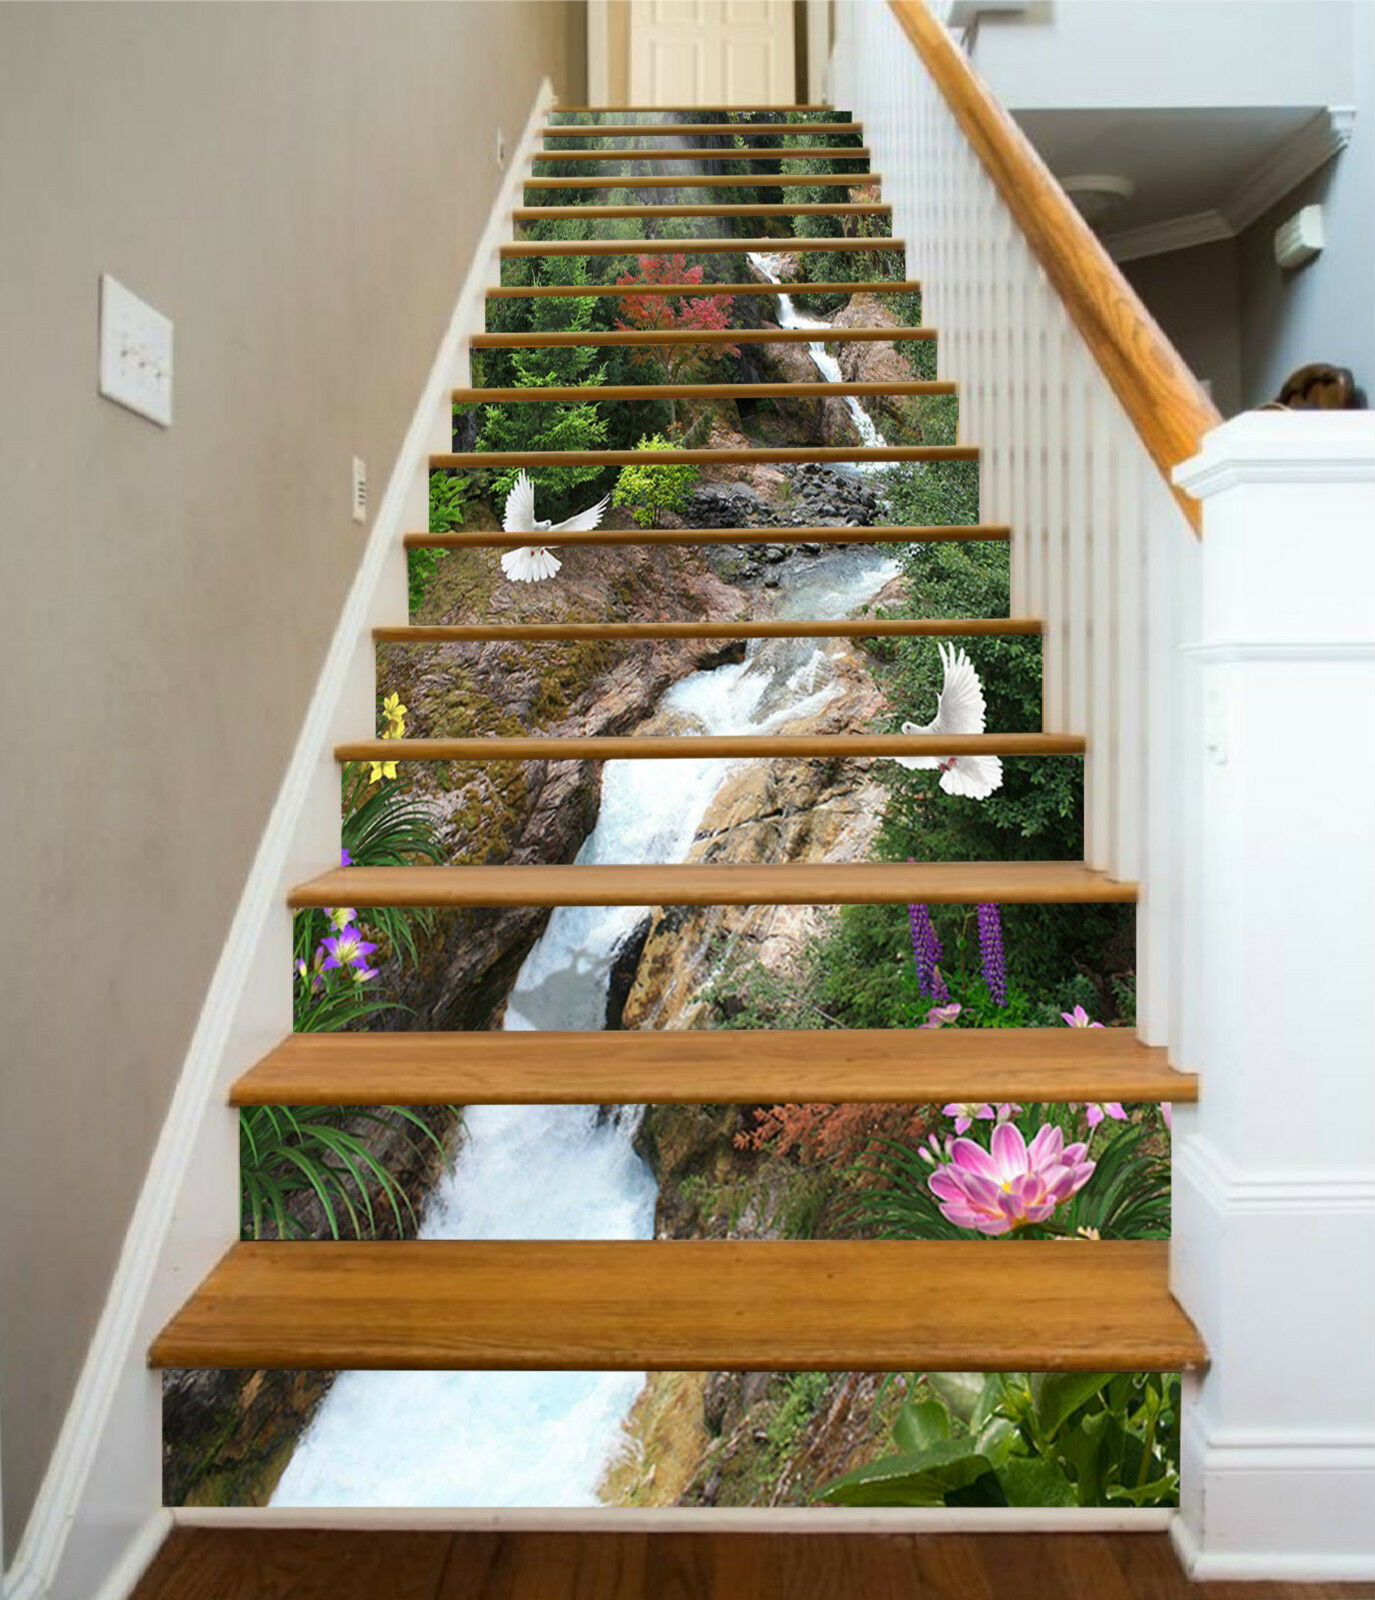 3D Strom Taube 1137 Stair Risers Dekoration Fototapete Vinyl Aufkleber Tapete DE